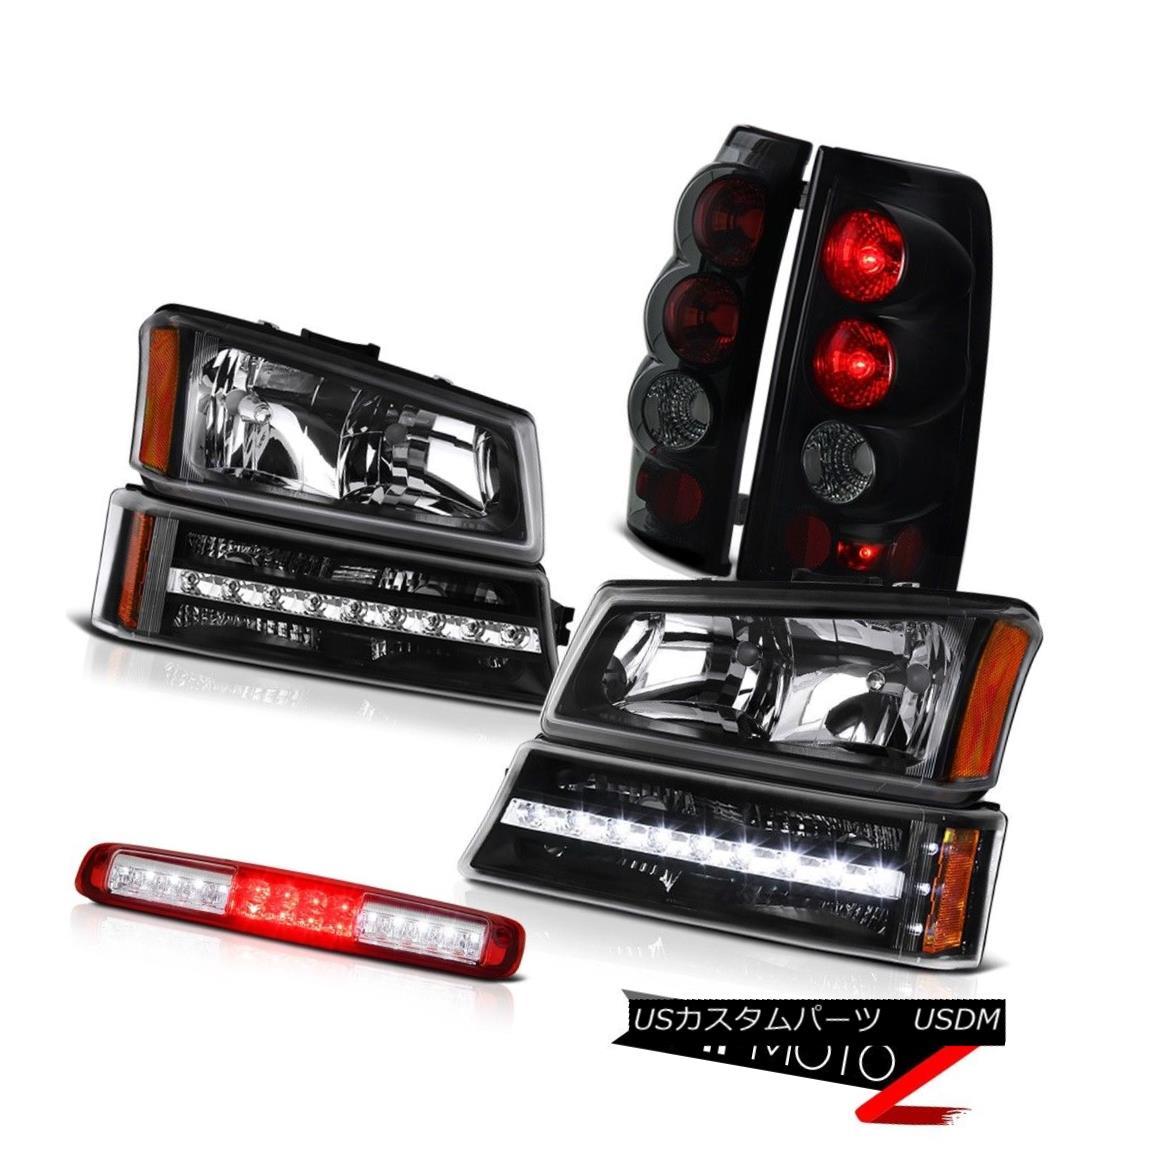 ヘッドライト 03-06 Silverado Third Brake Light Black Headlights Bumper Sinister Tail Lamps 03-06 Silverado第3ブレーキライトブラックヘッドライトバンパーシニスターテールランプ